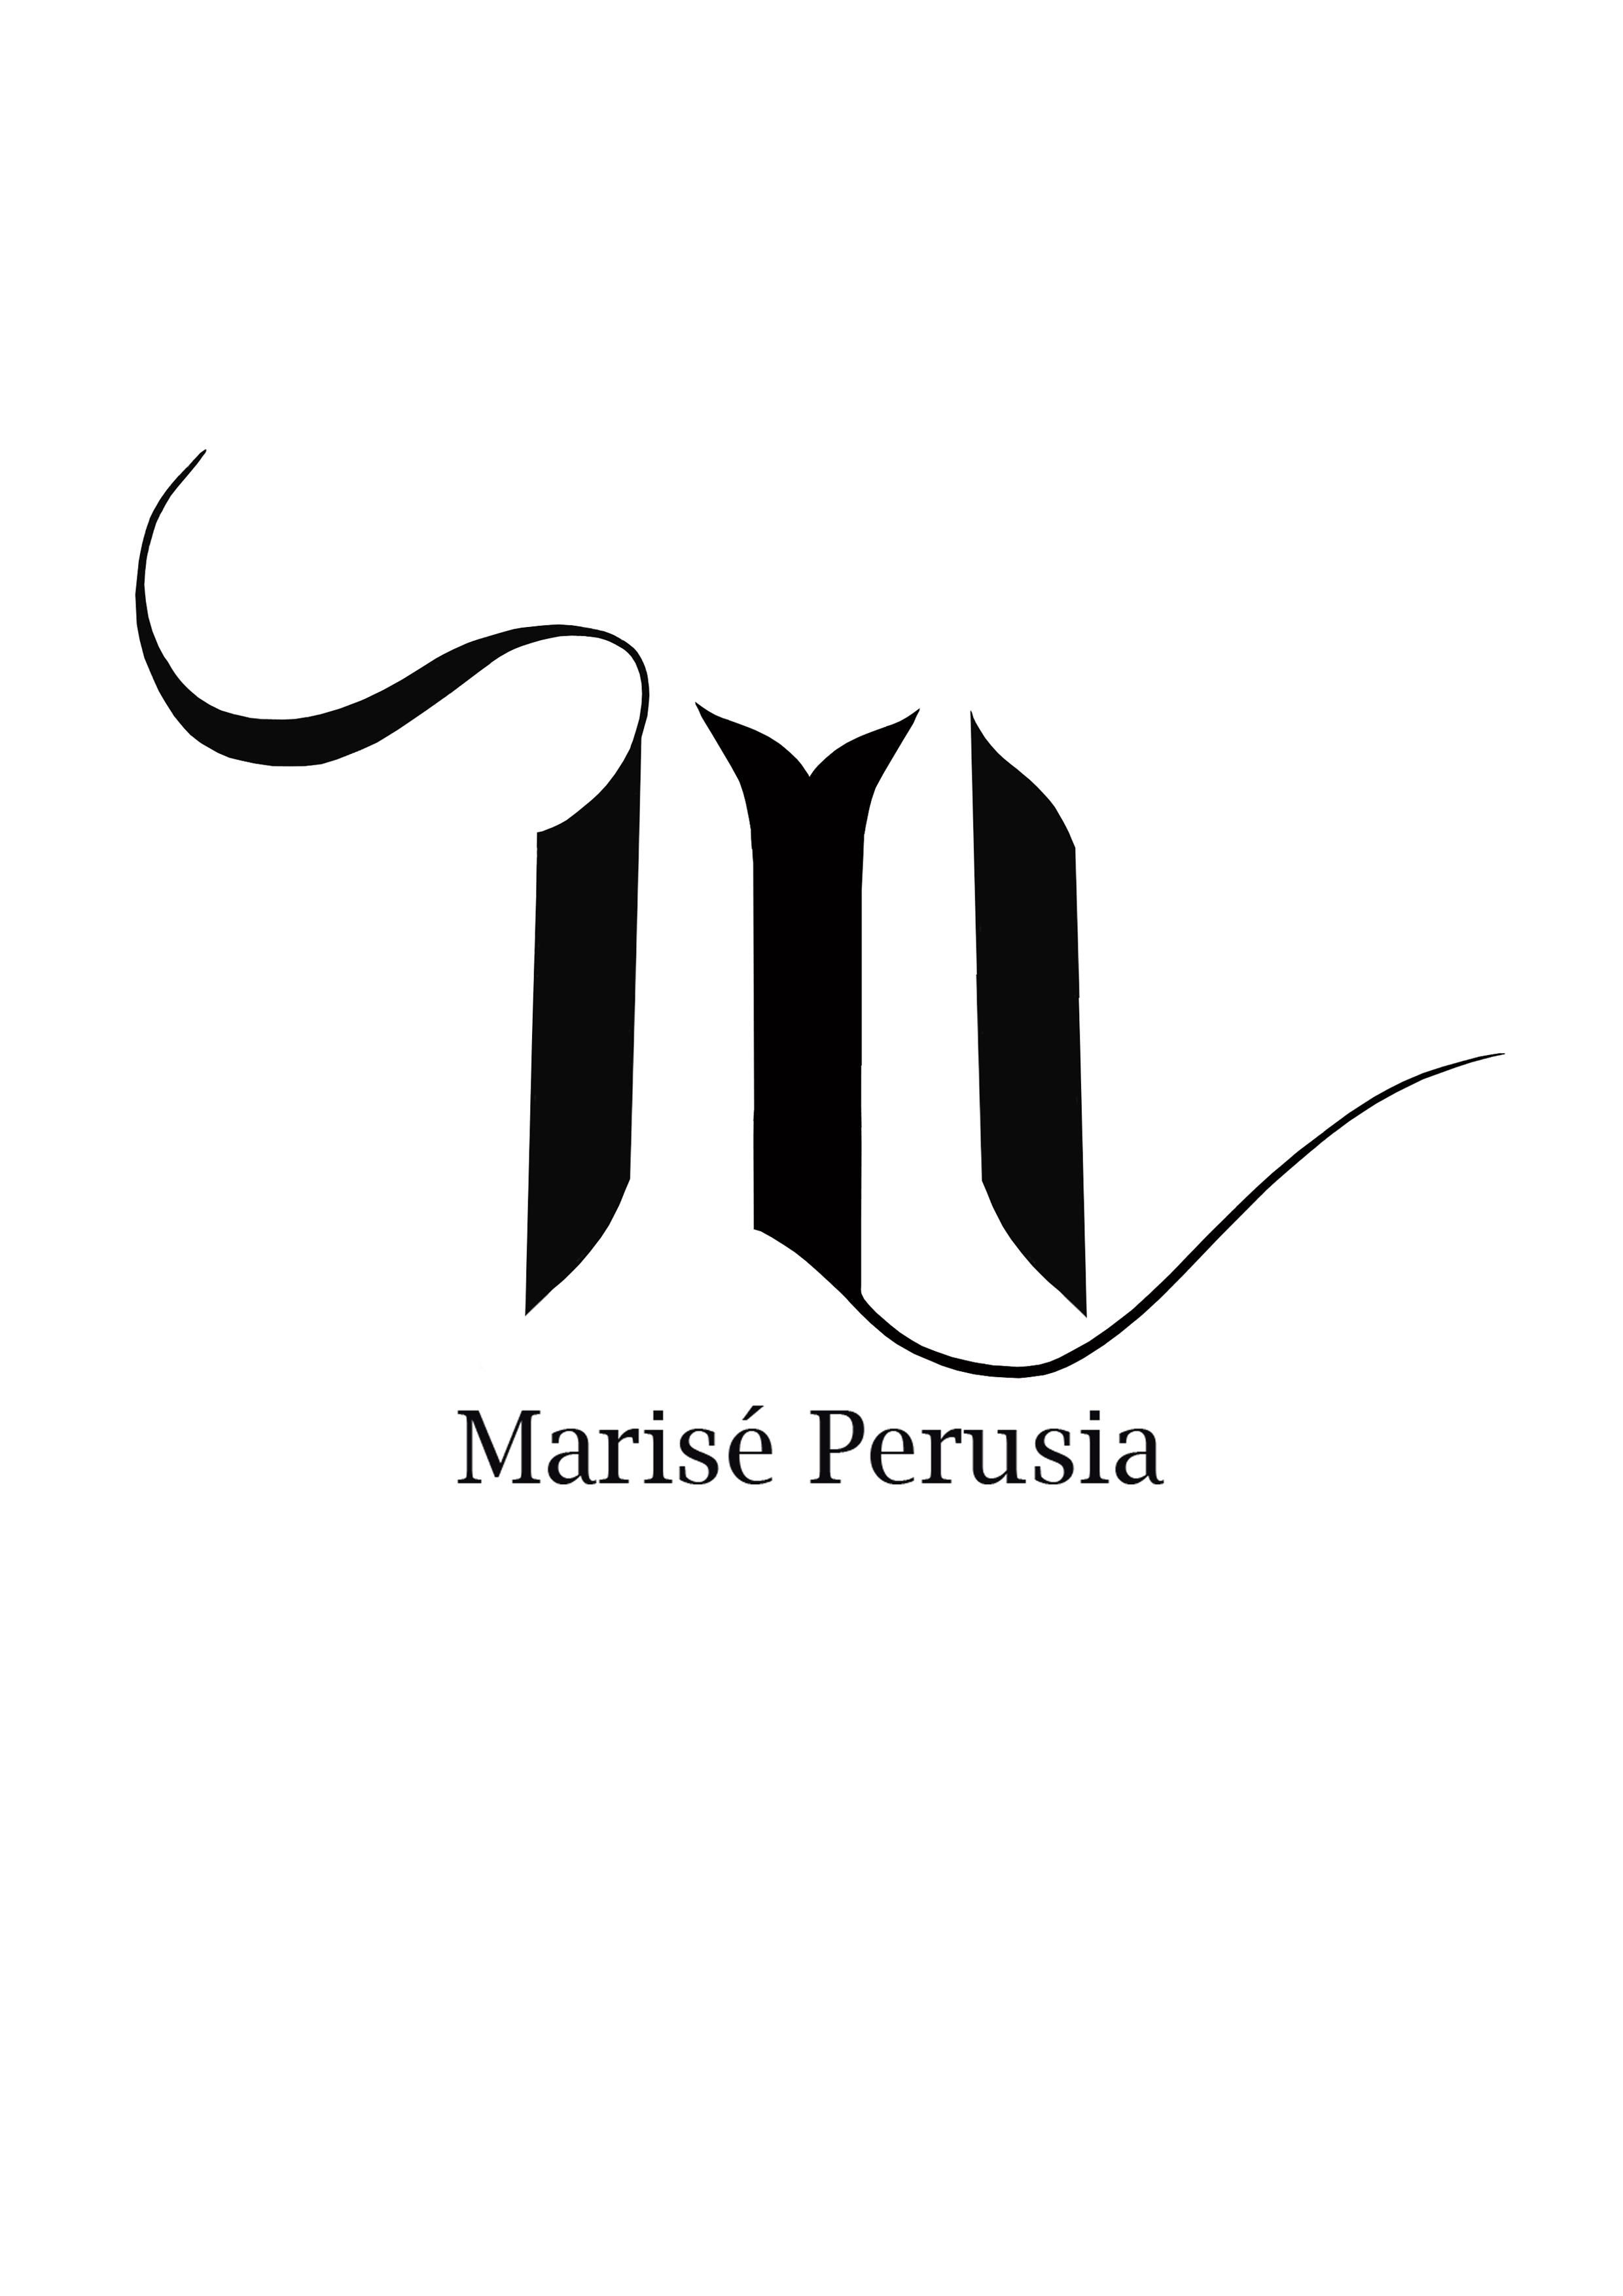 Marisè Perusia